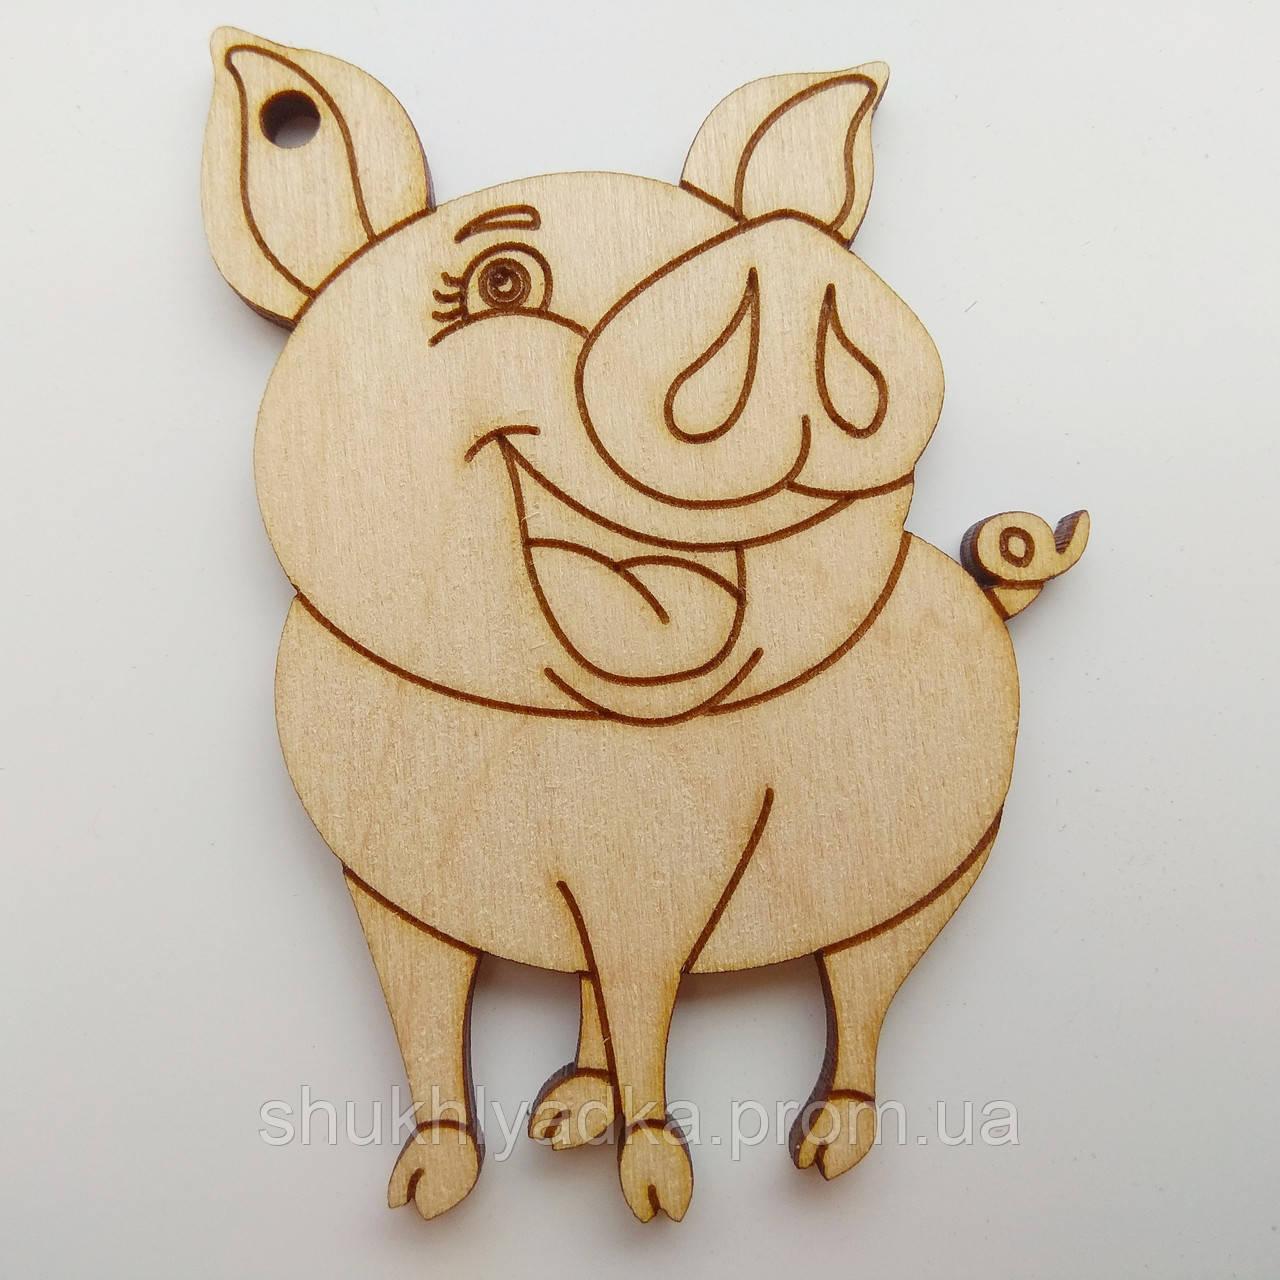 Новогодняя деревянная елочная игрушка Свинка острые ушки_деревянная заготовка_Новый год